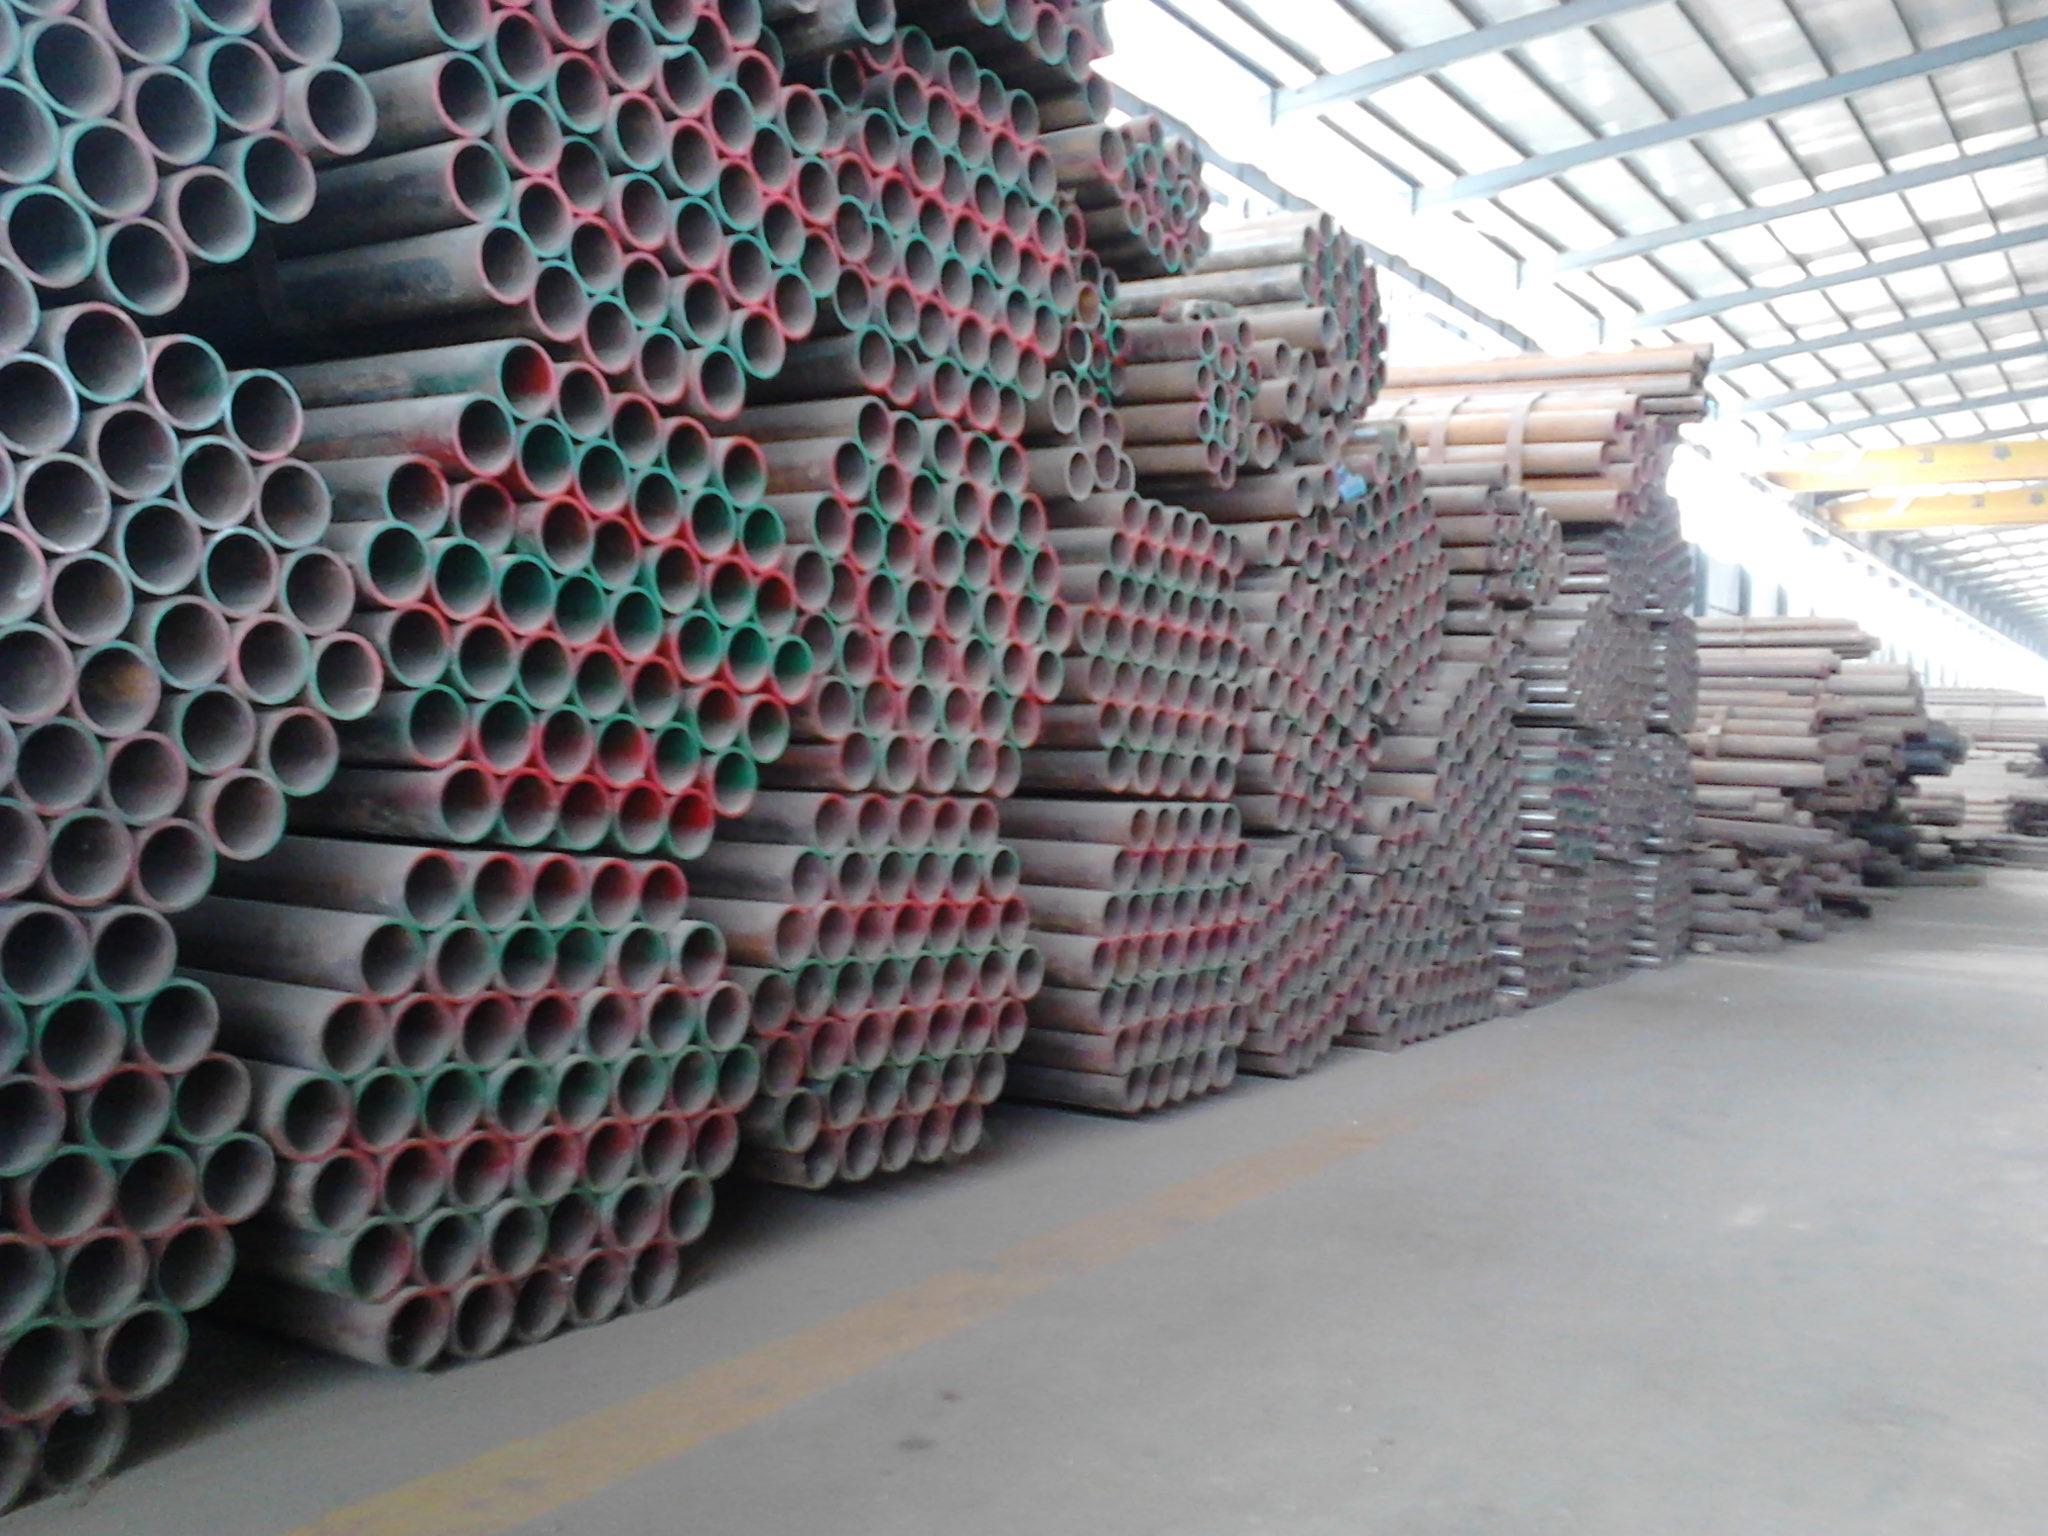 合金管:铝合金管道和镀锌钢管的特性有什么区别?各有什么...